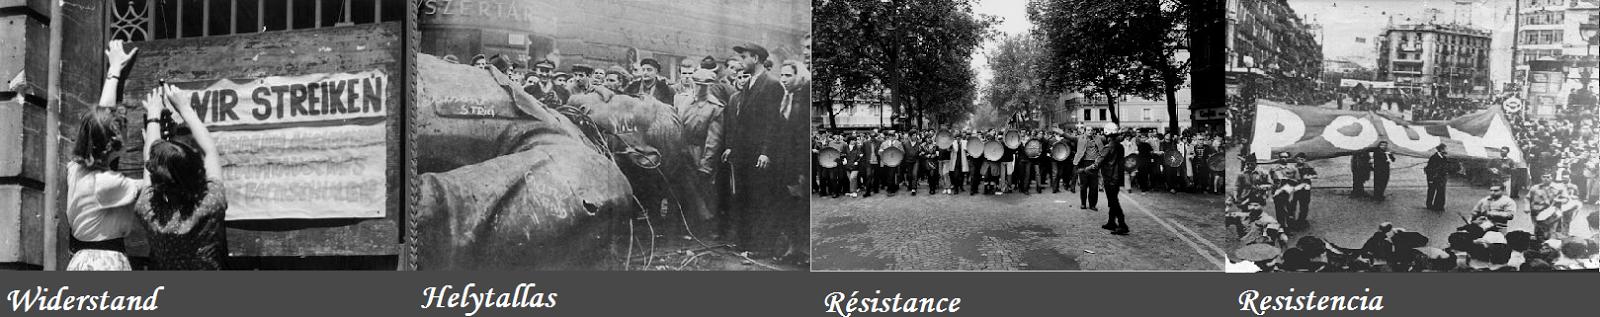 Revolution Commence